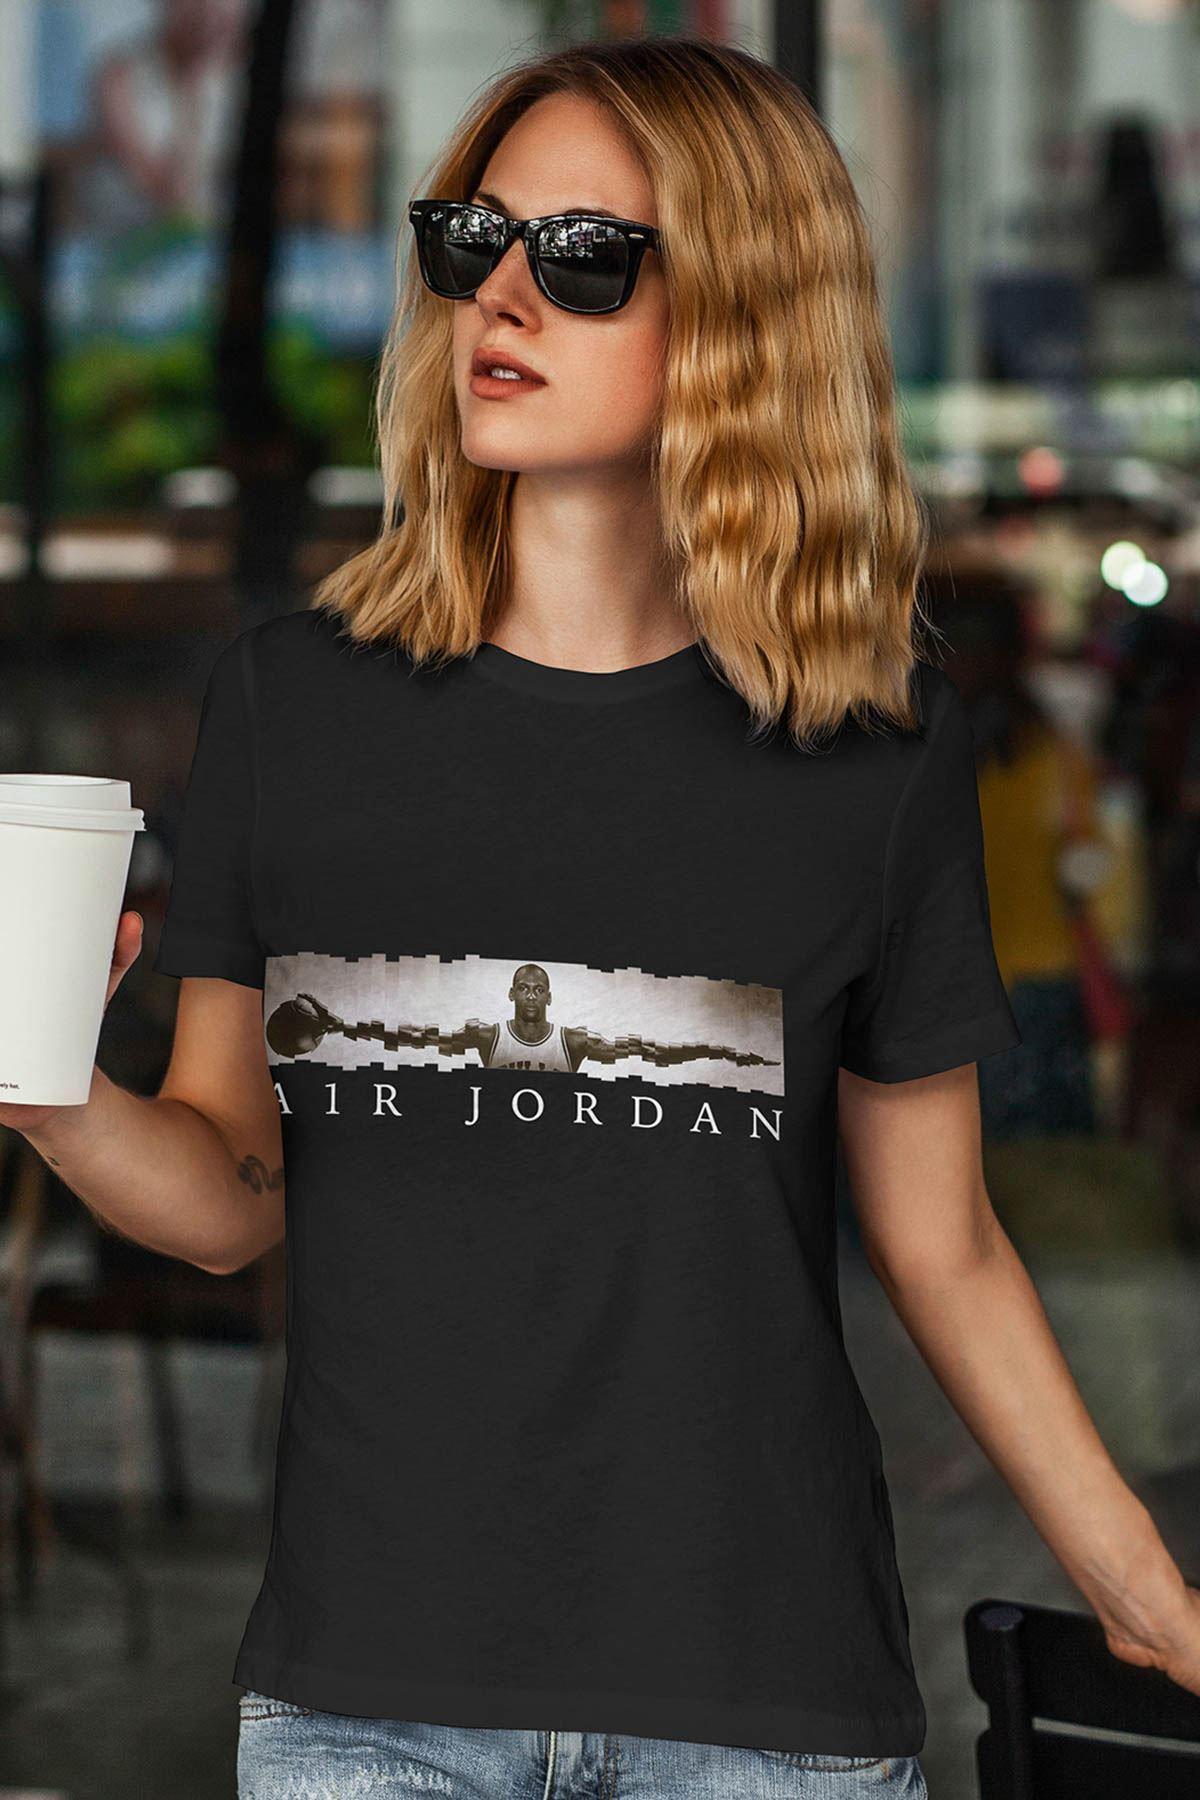 Air Jordan 17 Siyah NBA Kadın Tshirt - Tişört